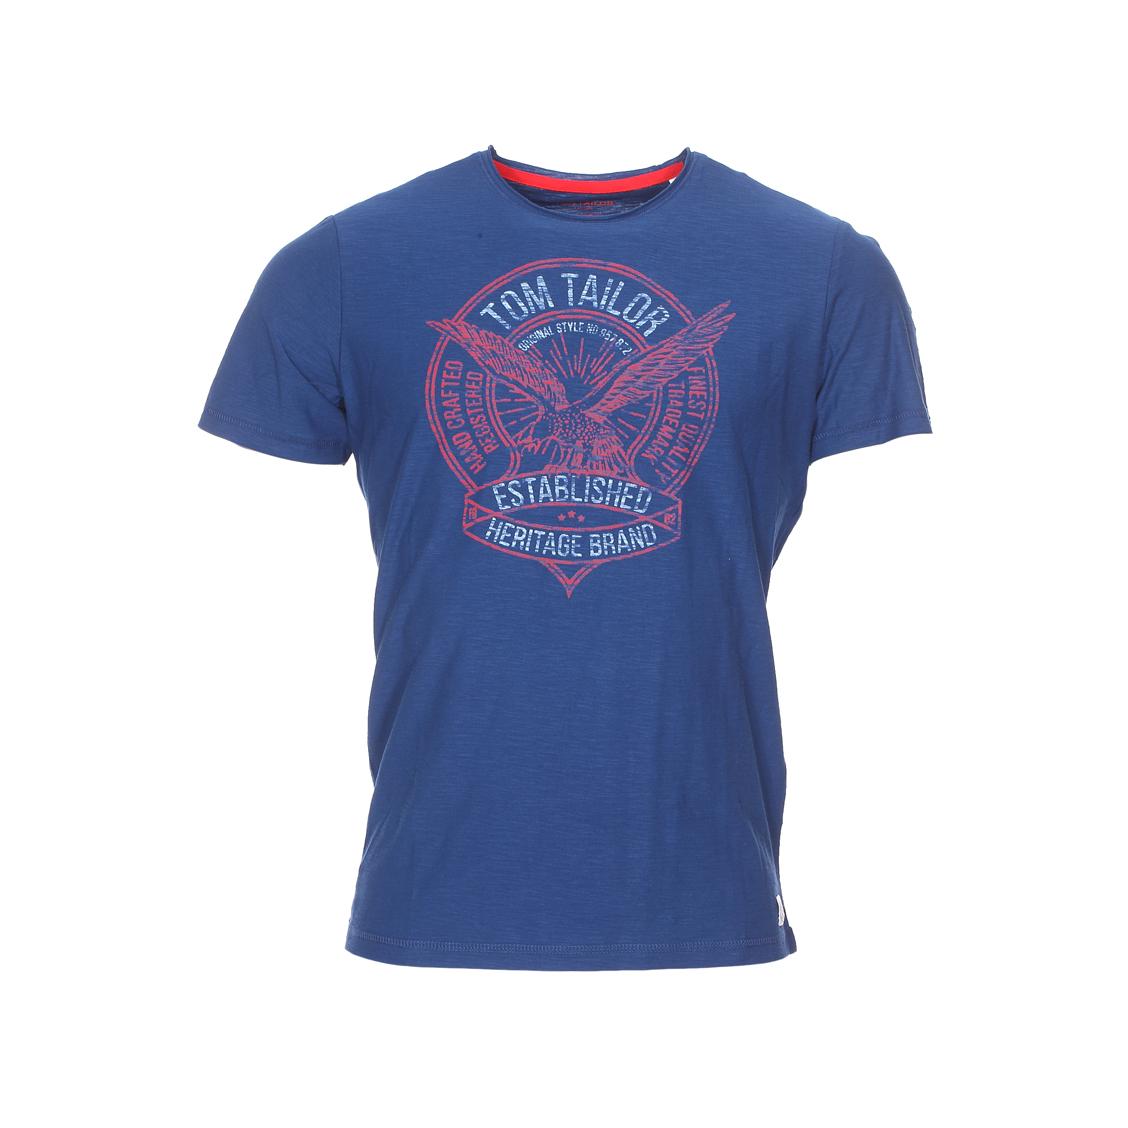 Tee-shirt col rond  bleu marine flammé floqué en rouge